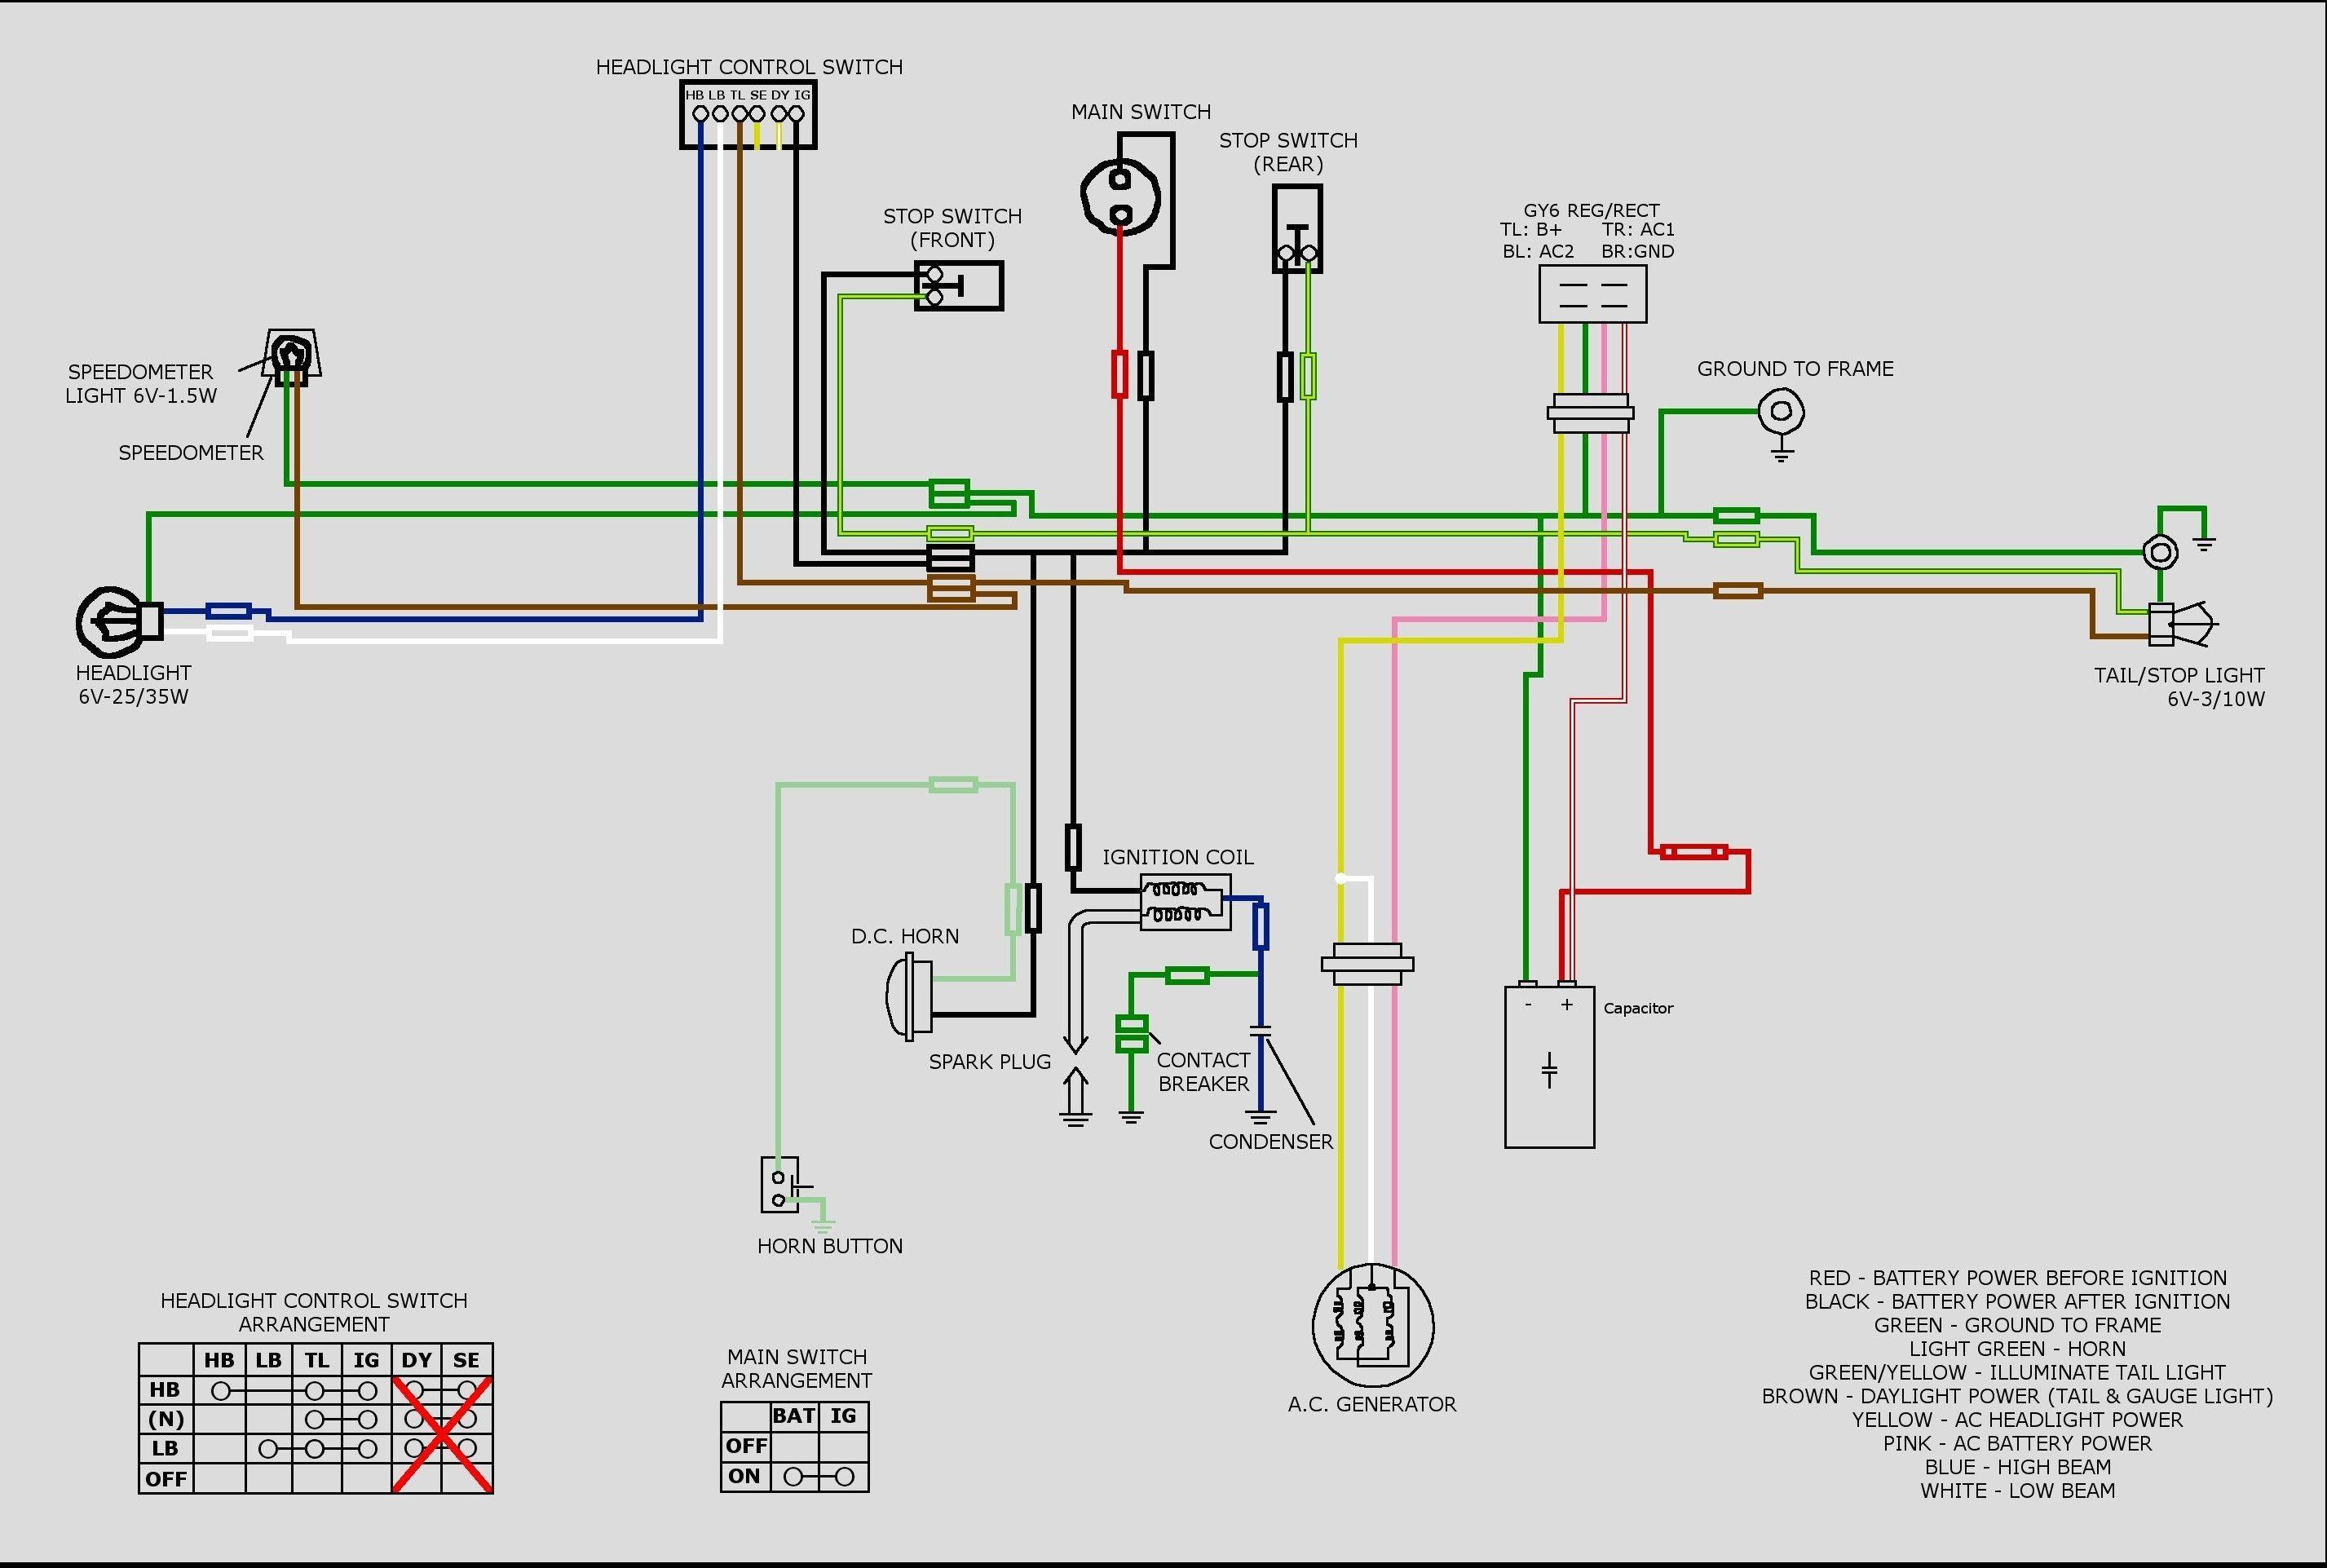 Electric Car Battery Diagram Kinetic Honda Wiring Diagram Of Electric Car Battery Diagram